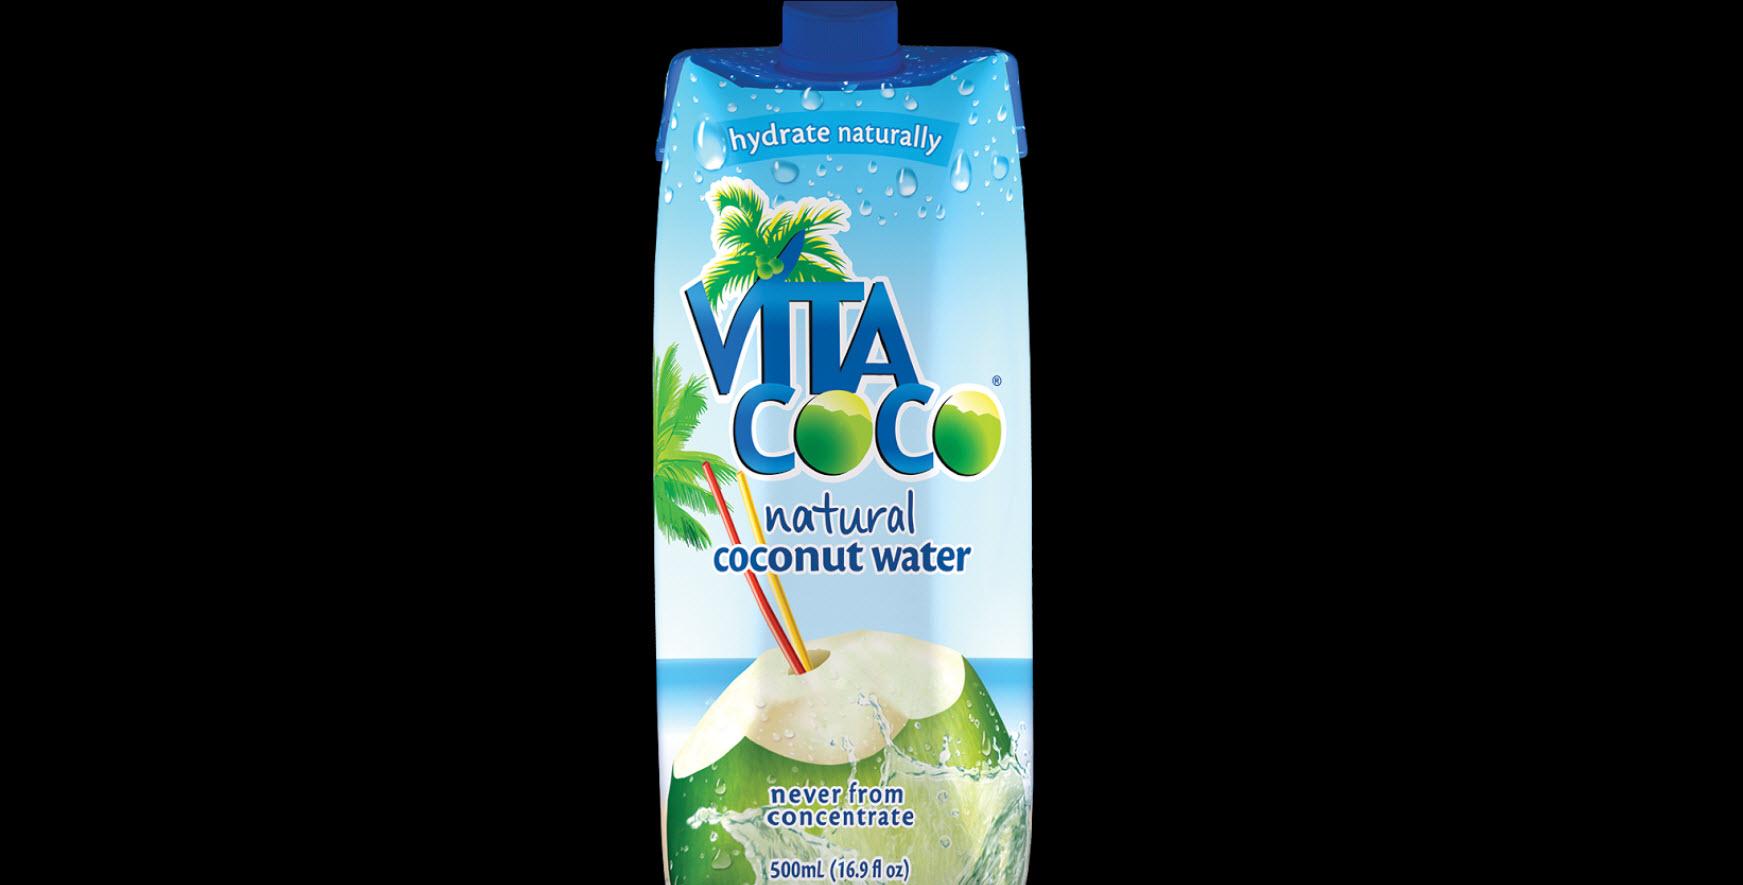 صورة فيتا كوكو تقدم لكم فرصة للحفاظ على وزنكم قبل حلول موسم الصيف